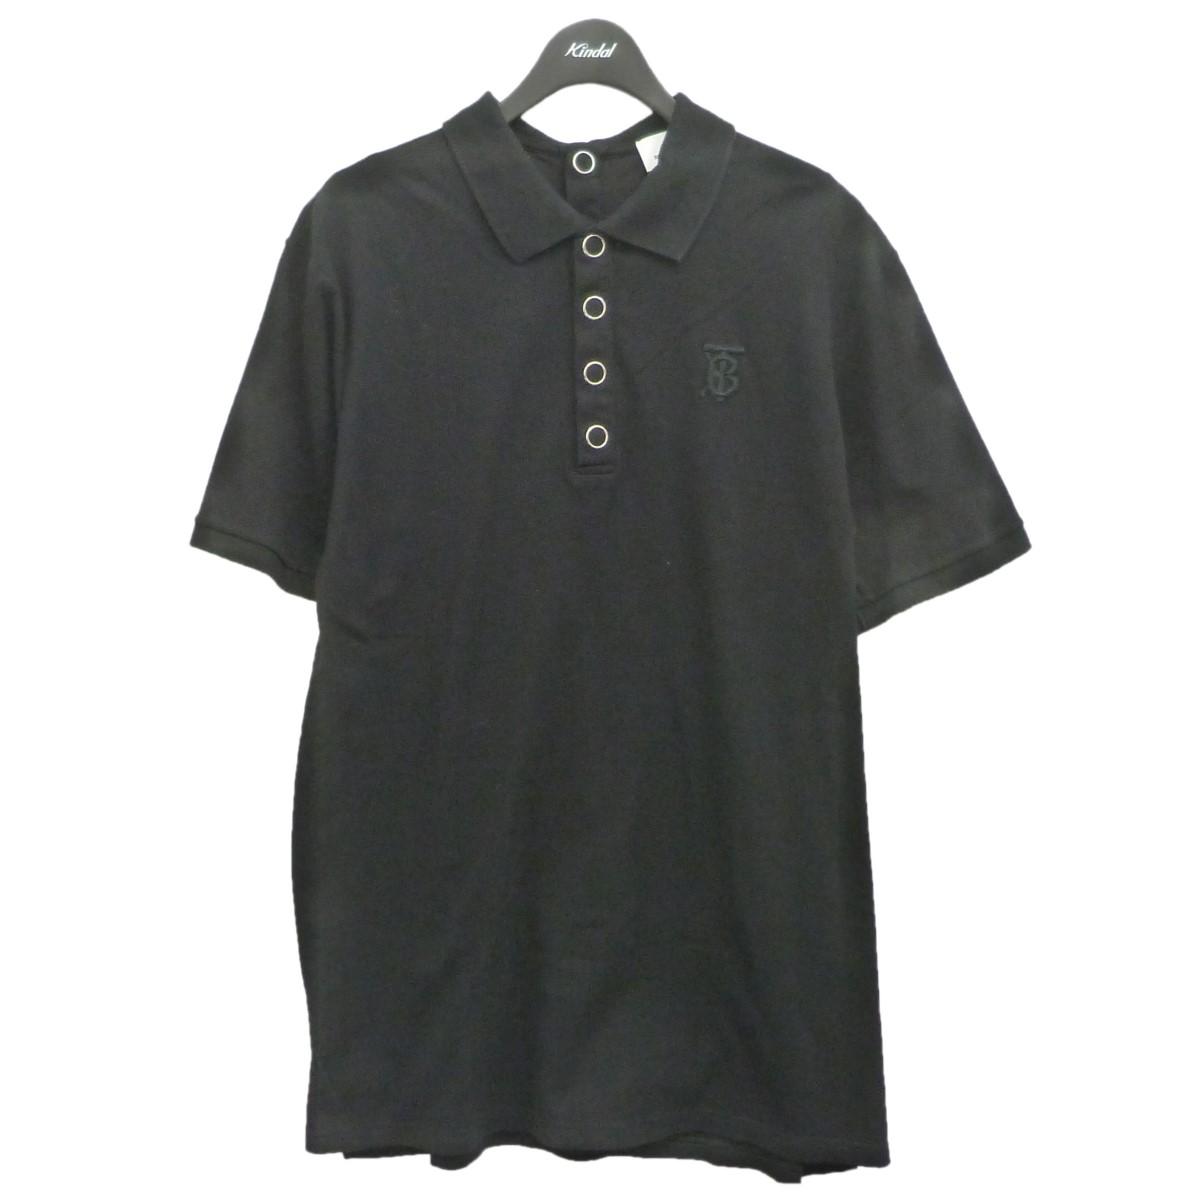 バーバリー 中古 お気にいる BURBERRY メーカー公式ショップ スナップボタンポロシャツ ブラック 020121 サイズ:L